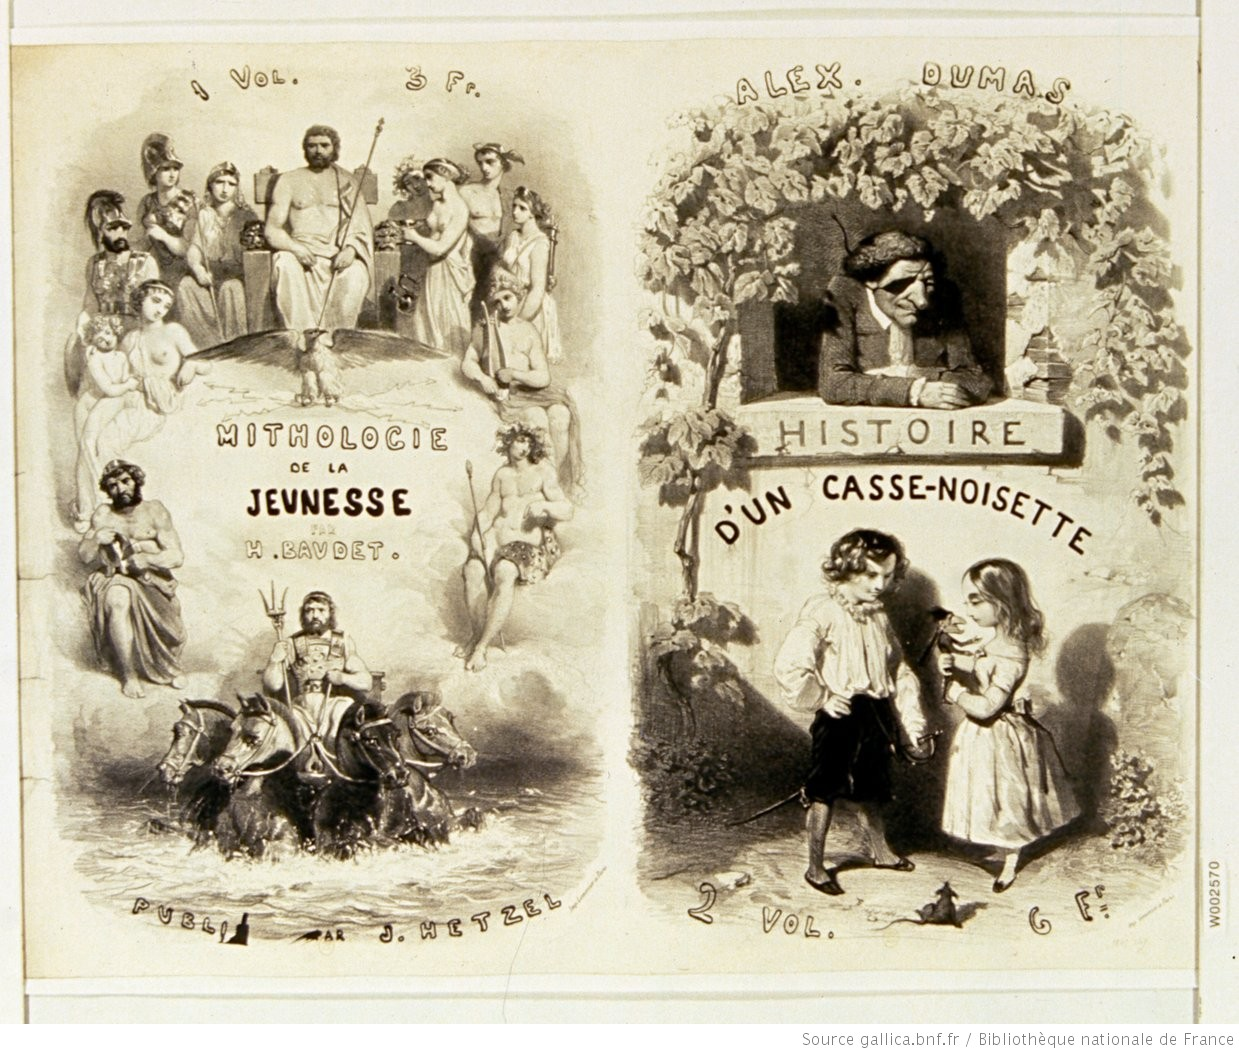 Mithologie [sic] de la jeunesse par H. Baudet publié par J. Hetzel ... - Alex. Dumas, Histoire d'un Casse-Noisette ... : [affiche] / [non identifié]